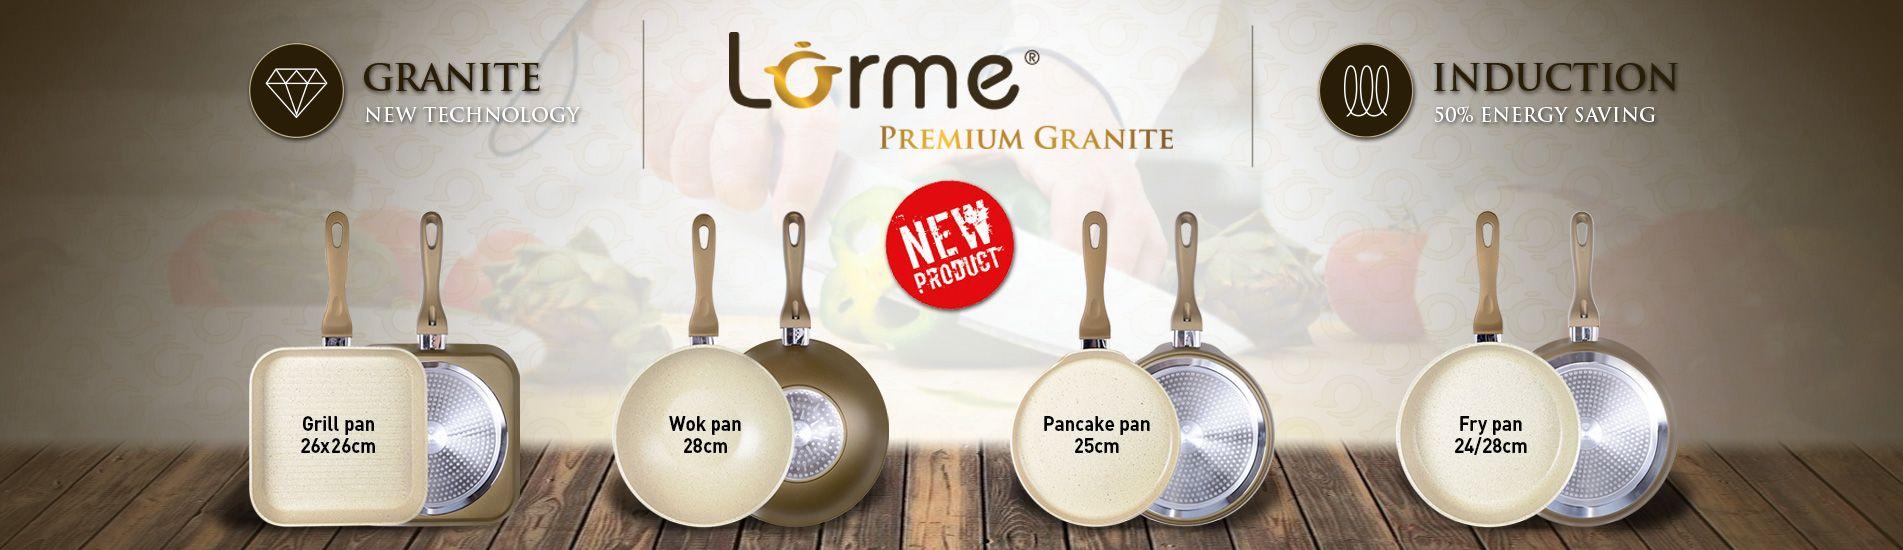 lorme_premium_granite_1903x550